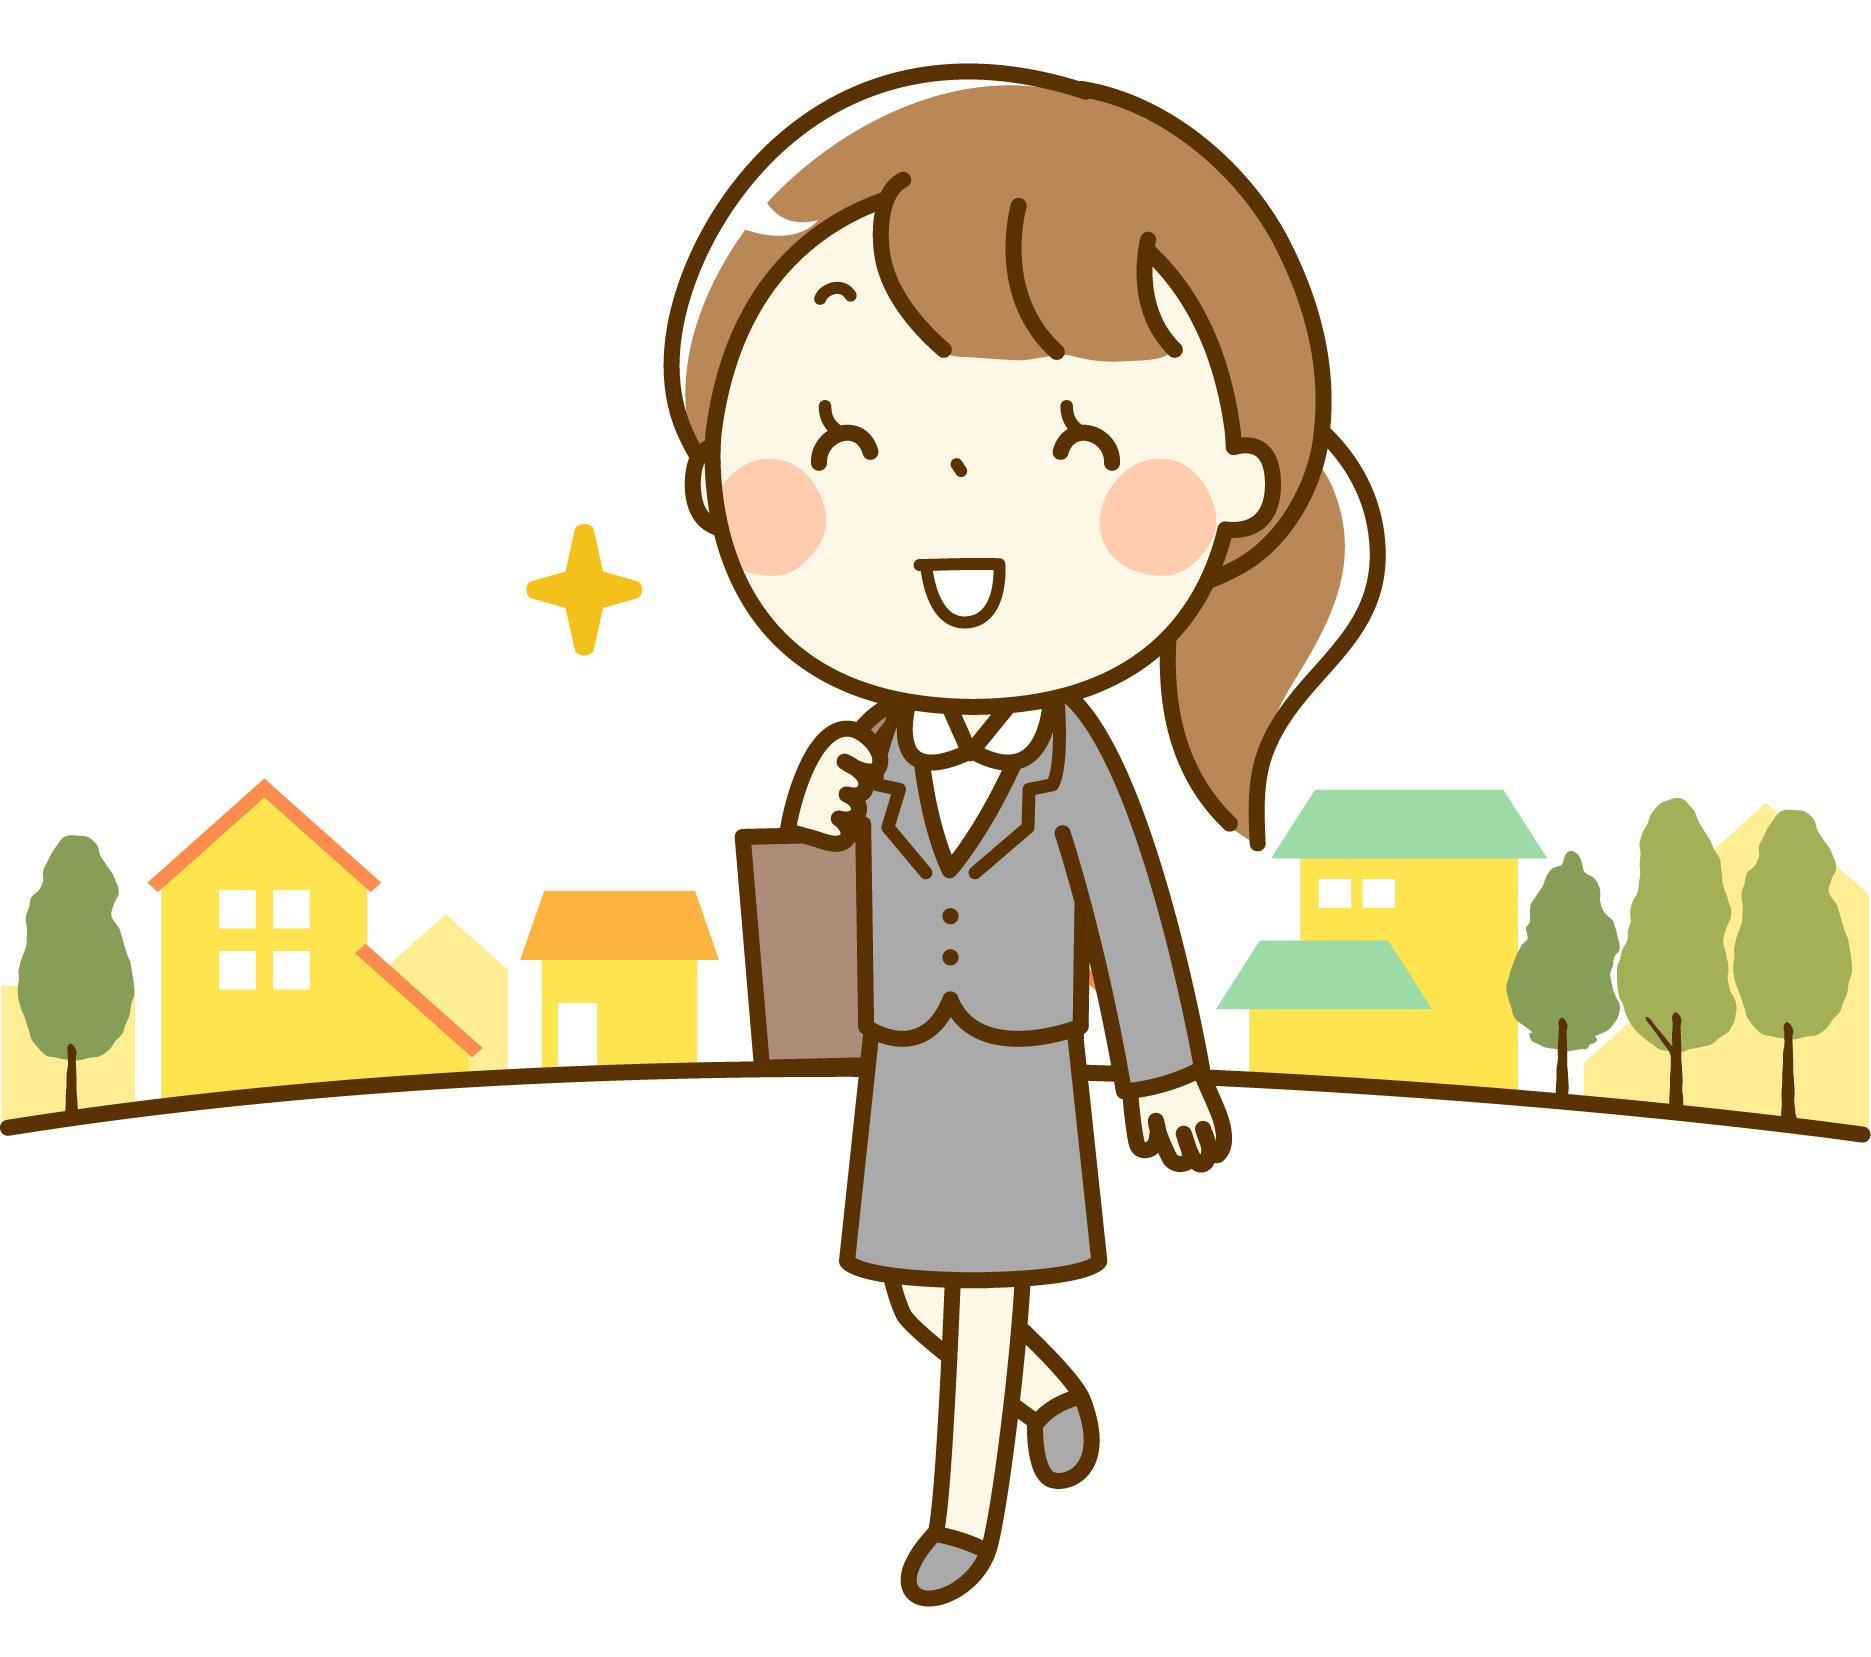 まとめ|Webライターとして在宅で稼ぐためにも営業スキルを磨こう!